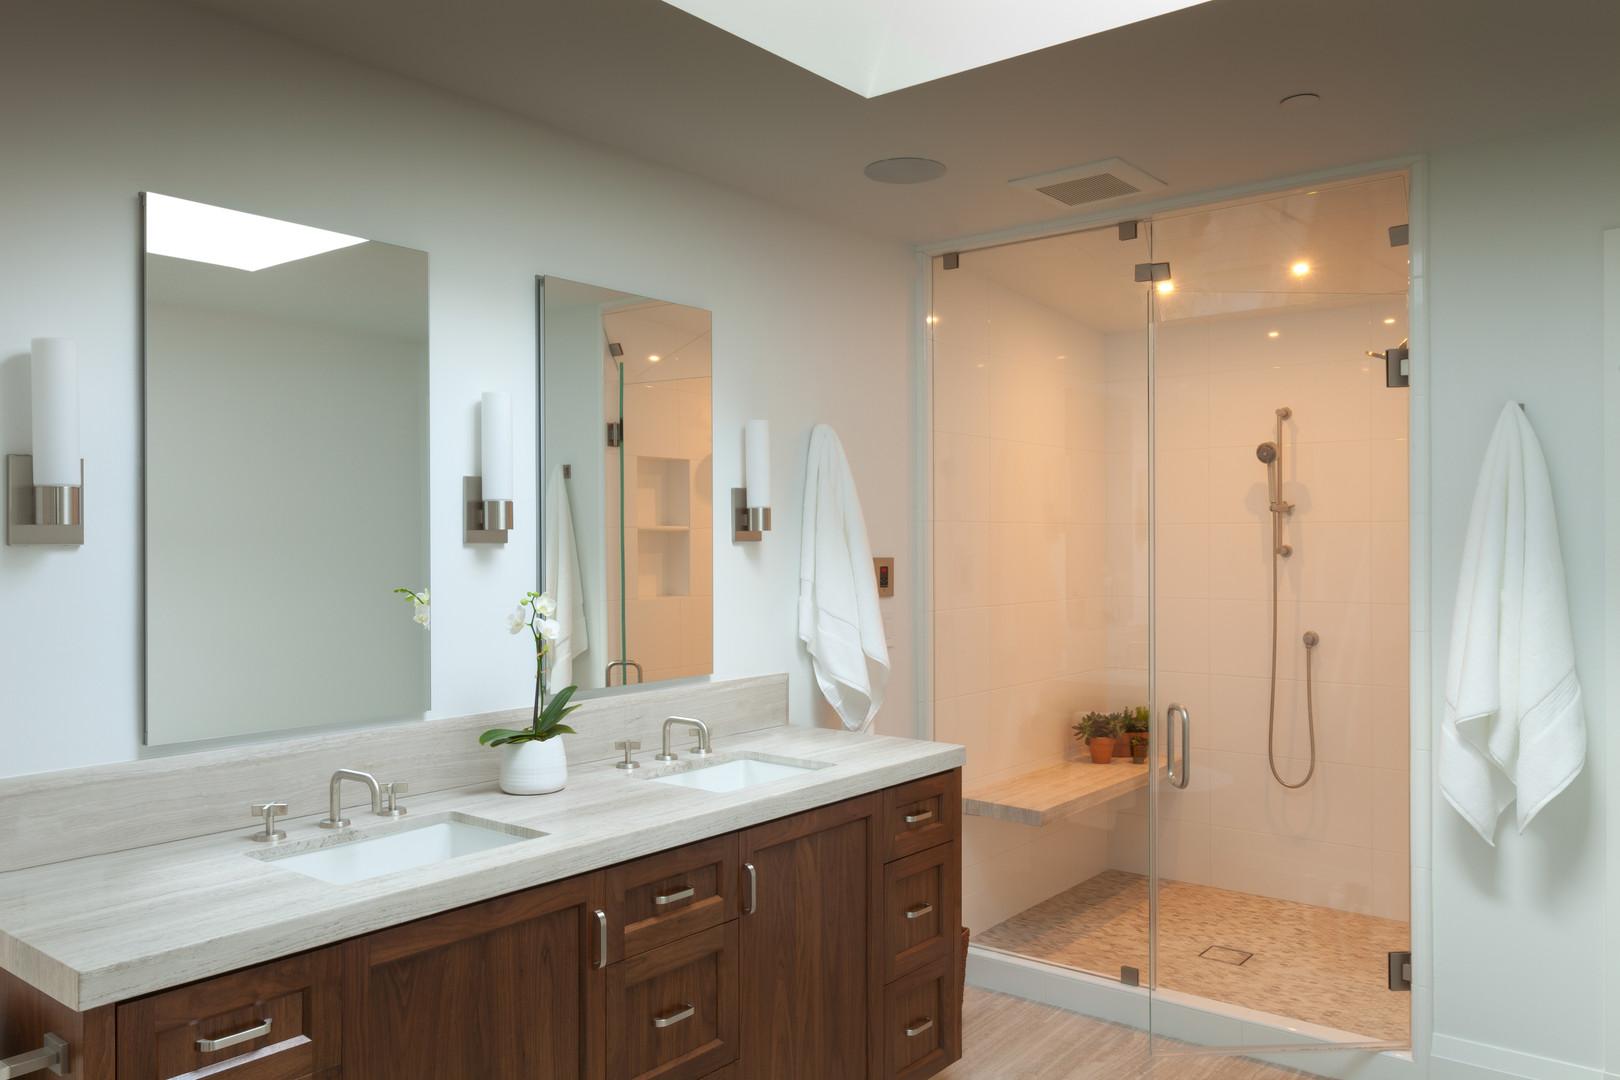 Contemporary Farmhouse Master Bathroom